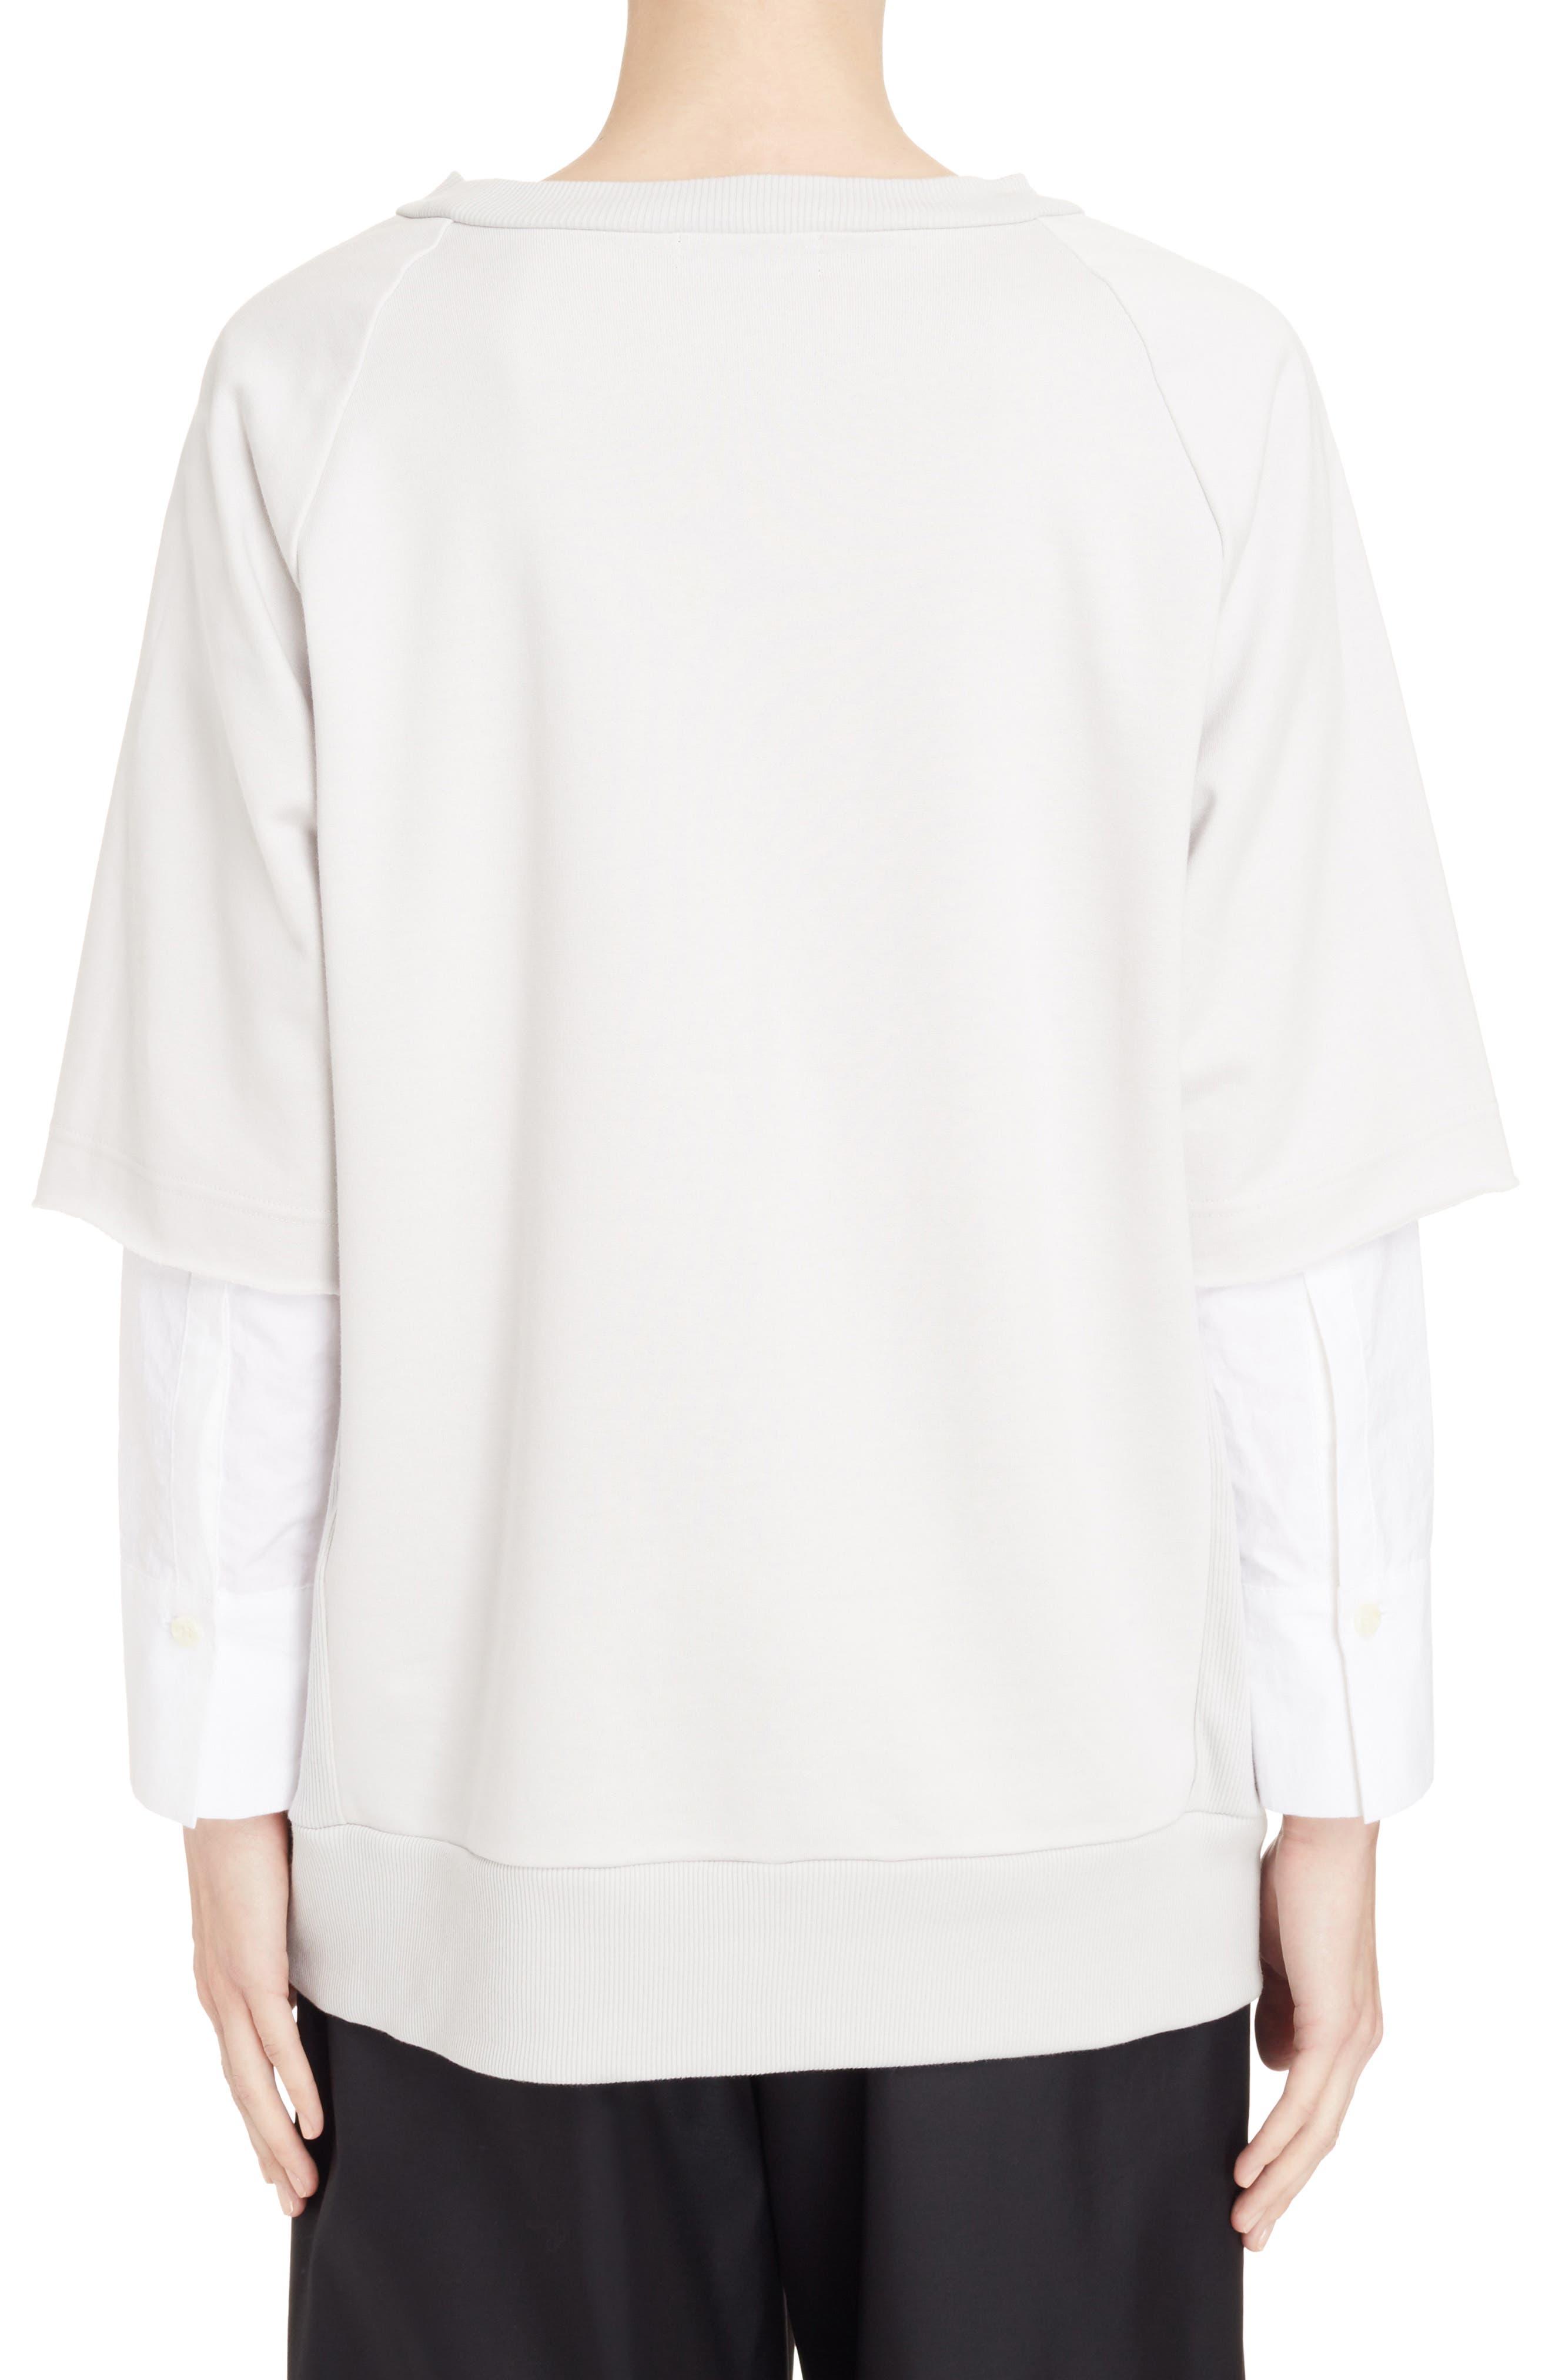 Alternate Image 2  - Y's by Yohji Yamamoto Double Sleeve Sweatshirt